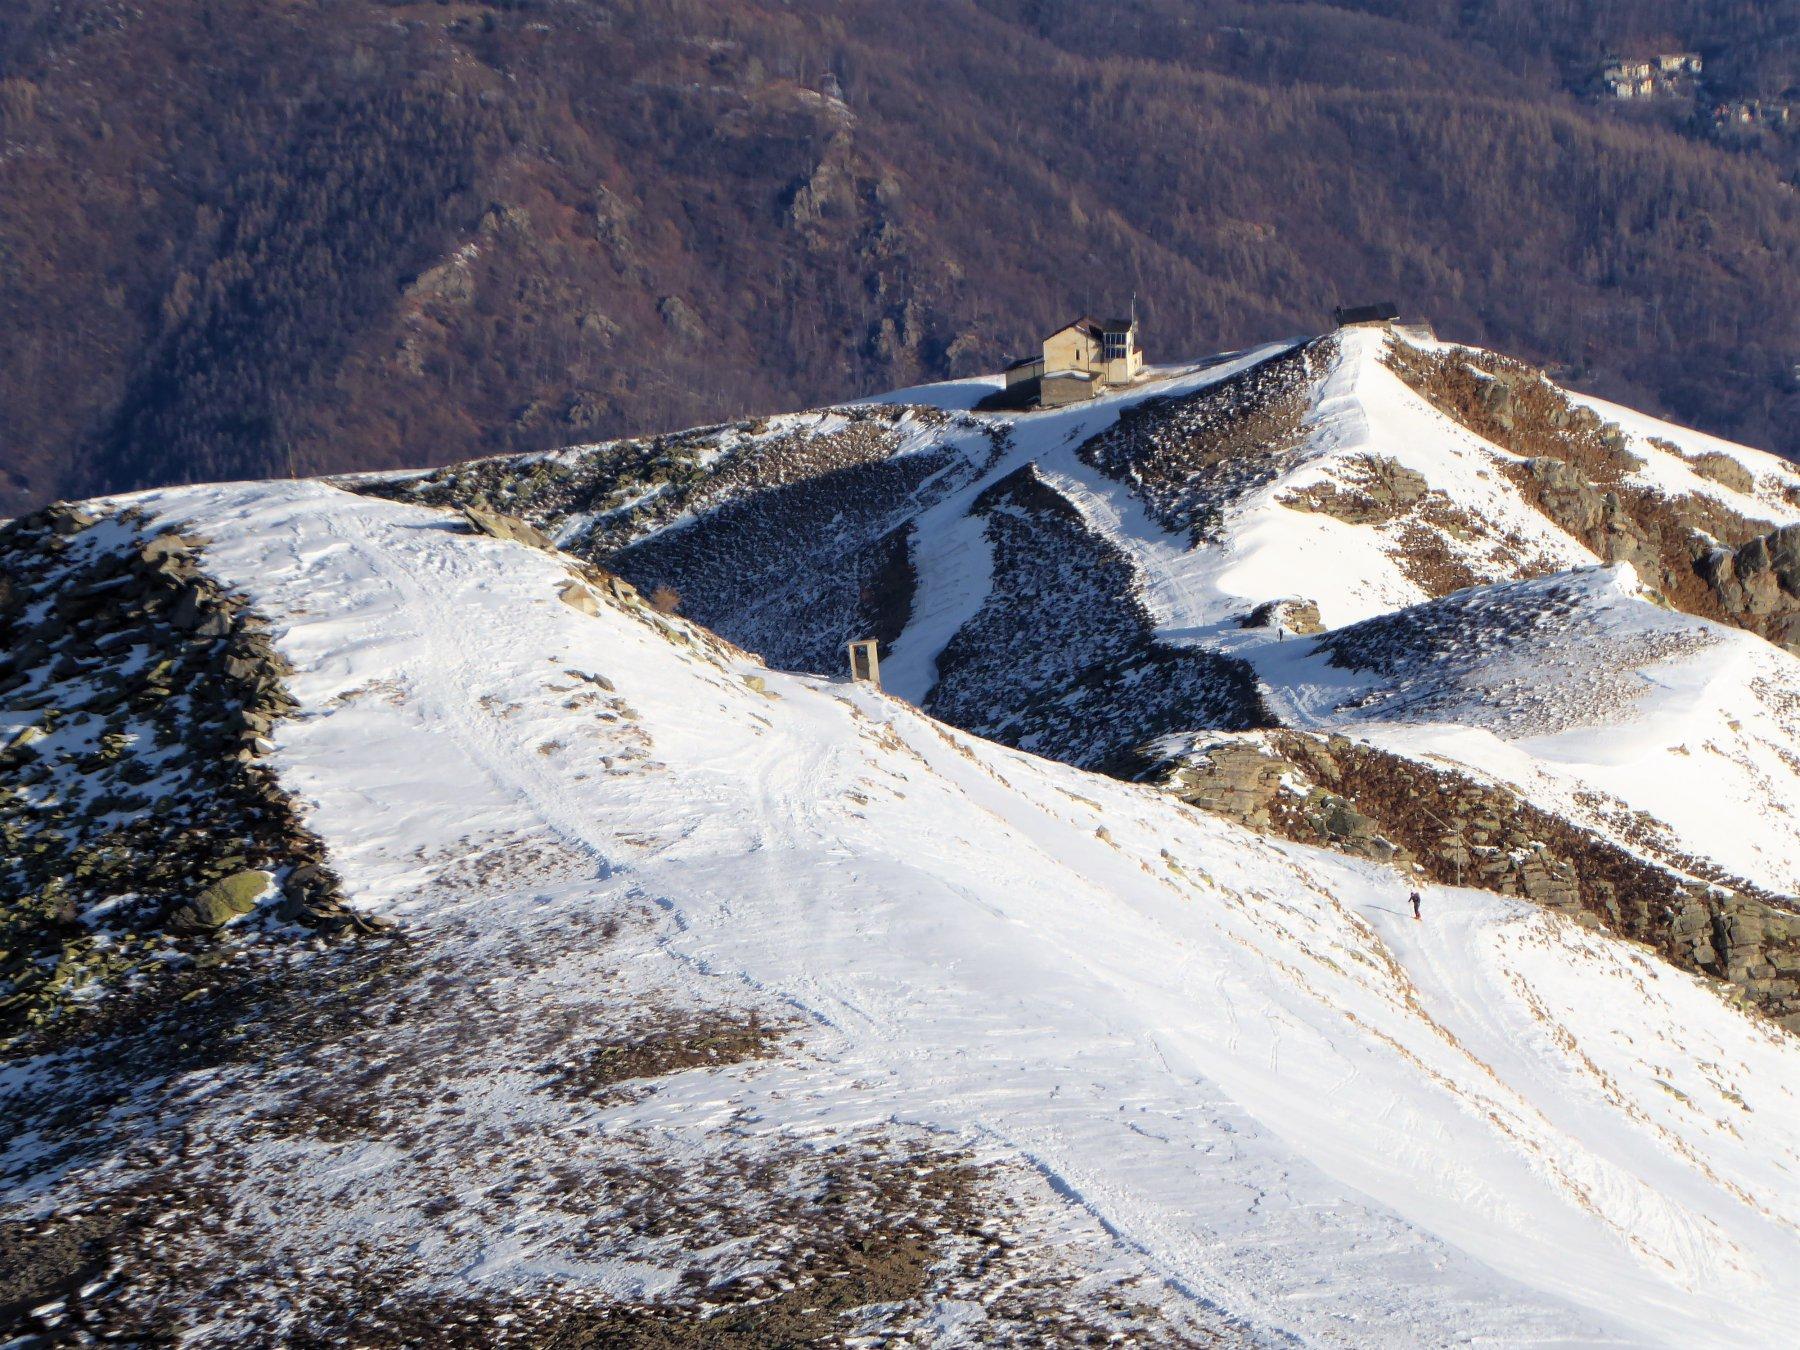 dalla cima la seconda parte del percorso, con l'arrivo della ex seggiovia